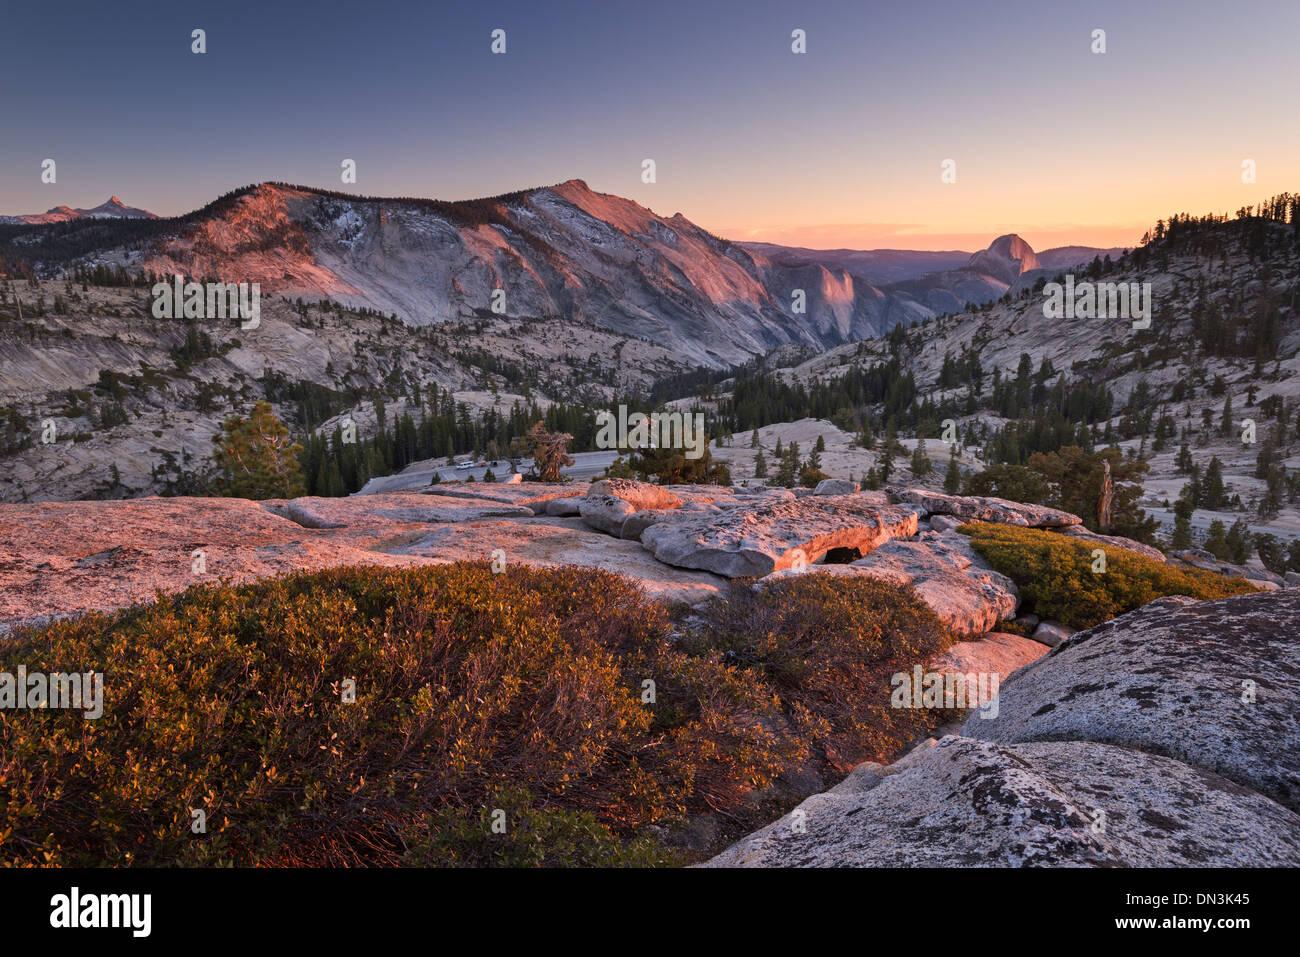 Halbe Kuppel und Clouds Rest Berge von oben Olmstead Punkt, Yosemite-Nationalpark, Kalifornien, USA. Herbst (Oktober) Stockbild